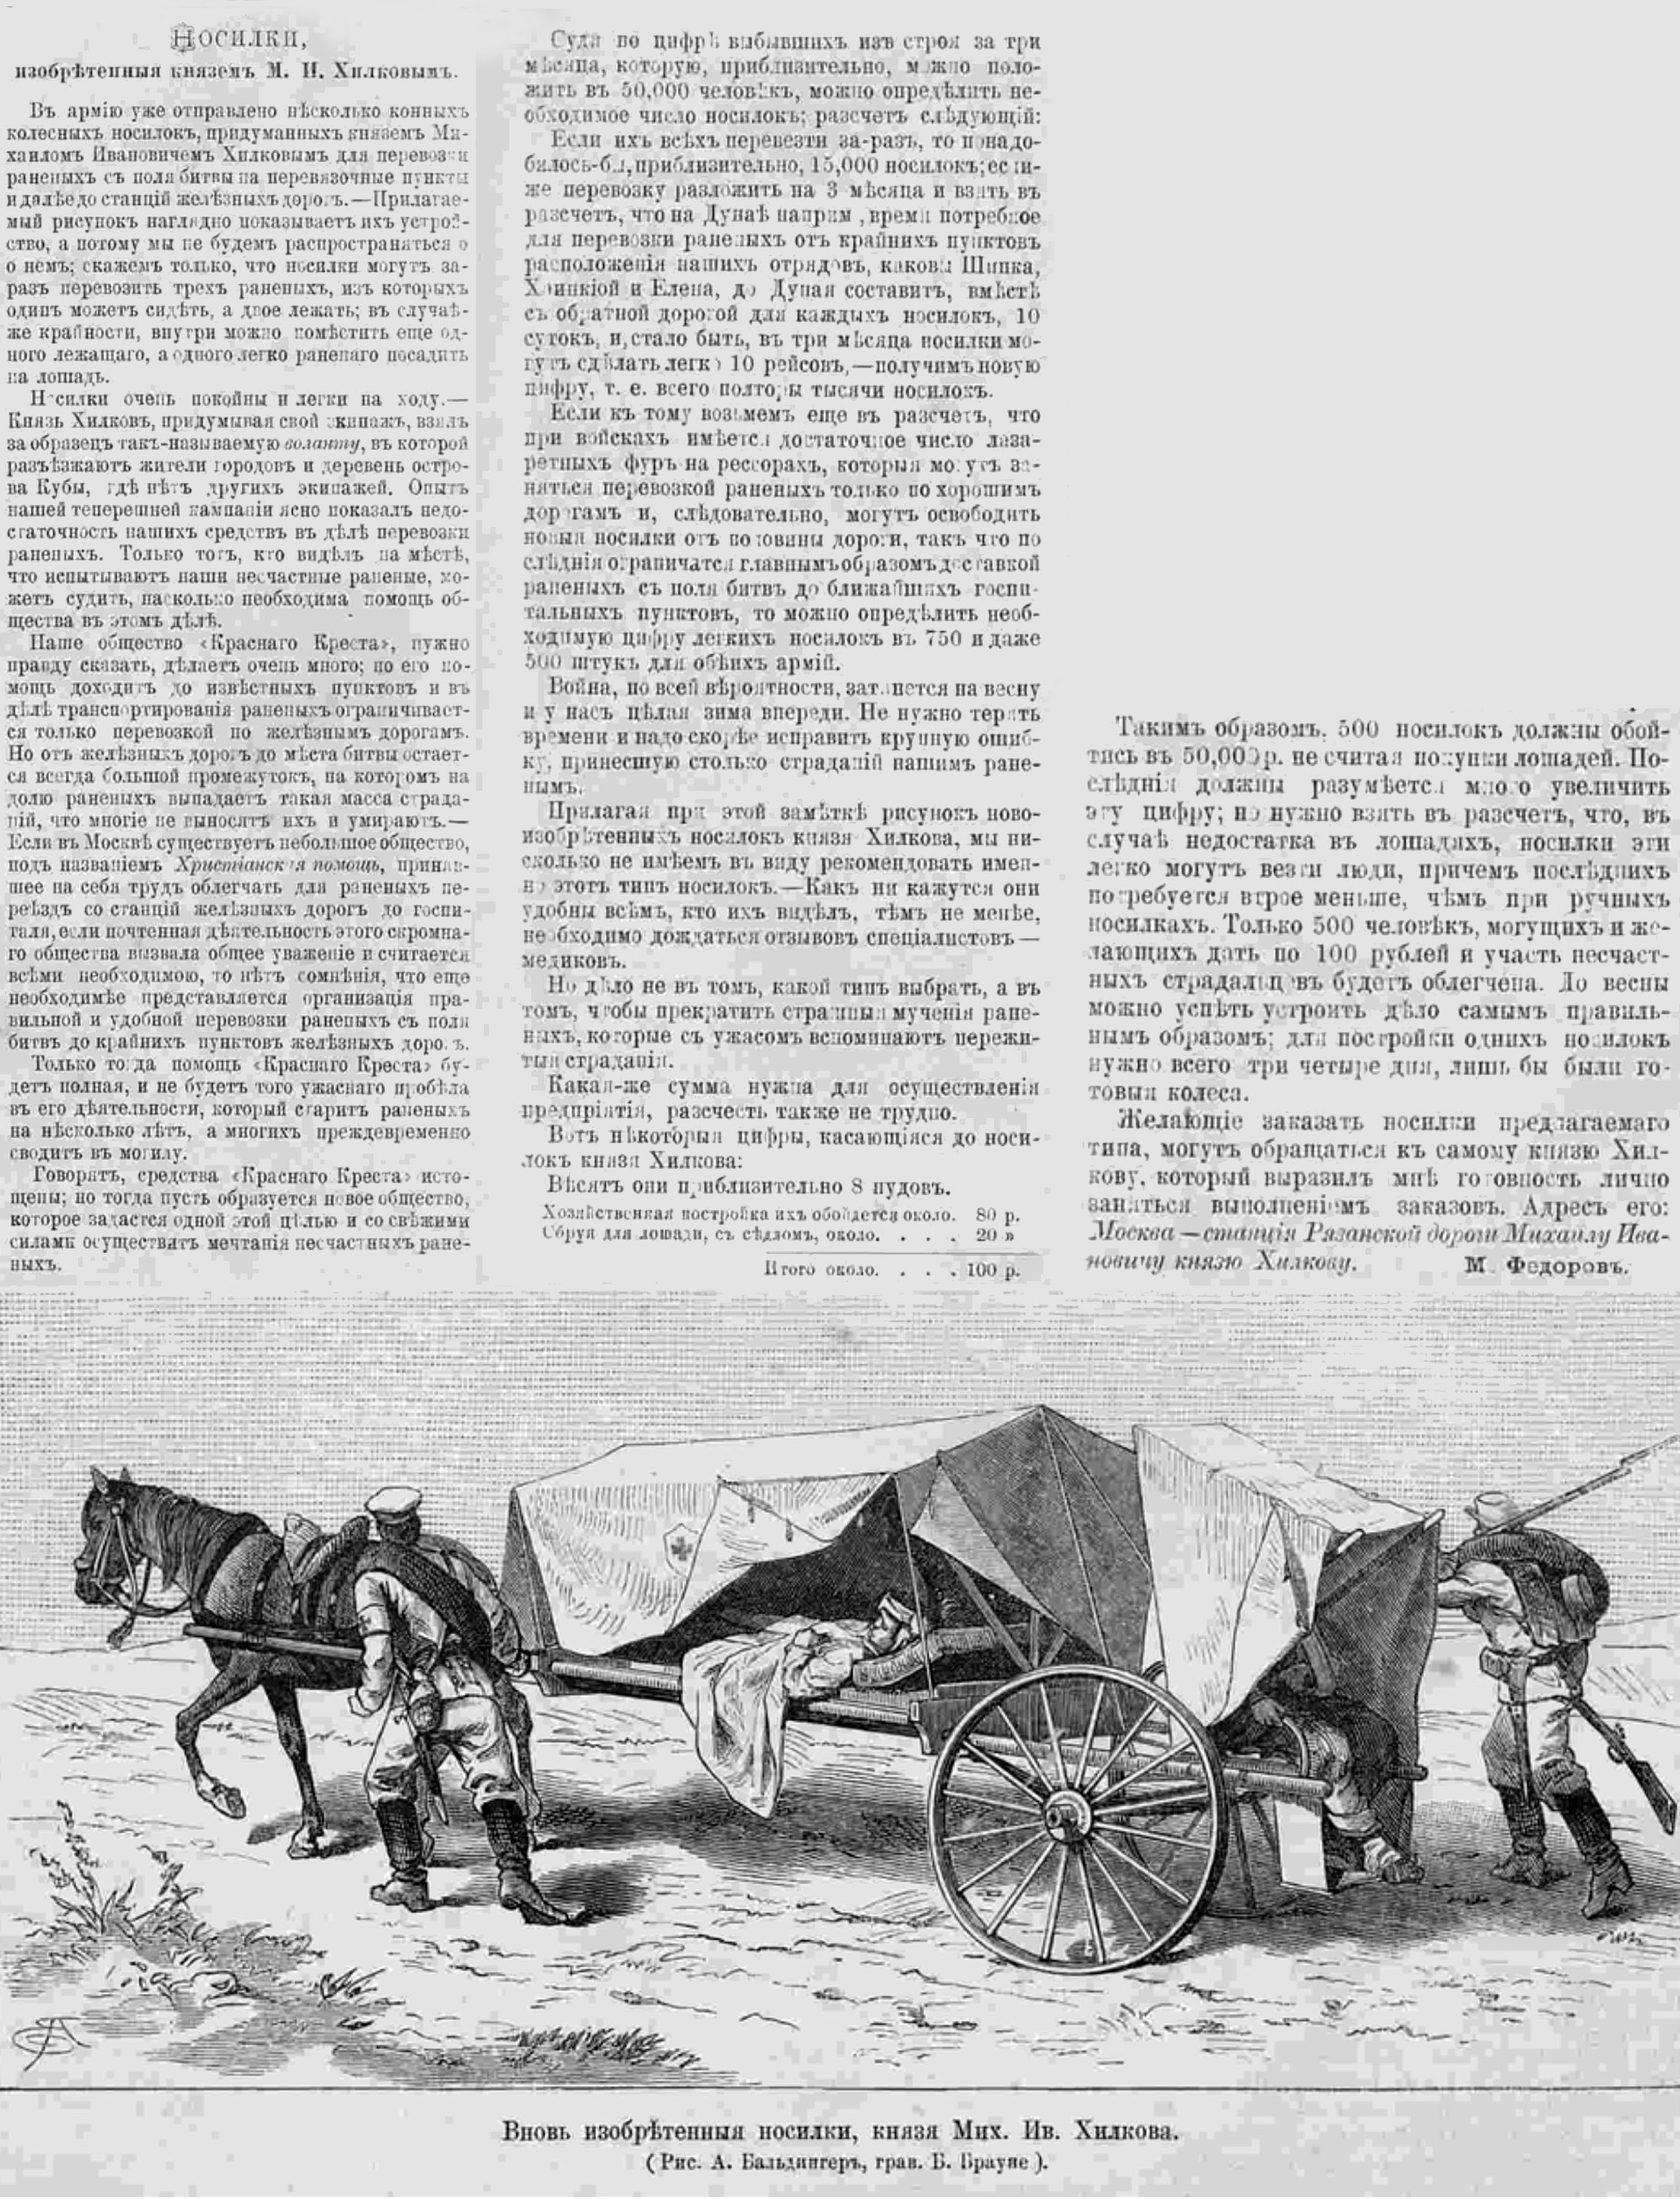 Носилки, изобретенные М. И. Хилковым